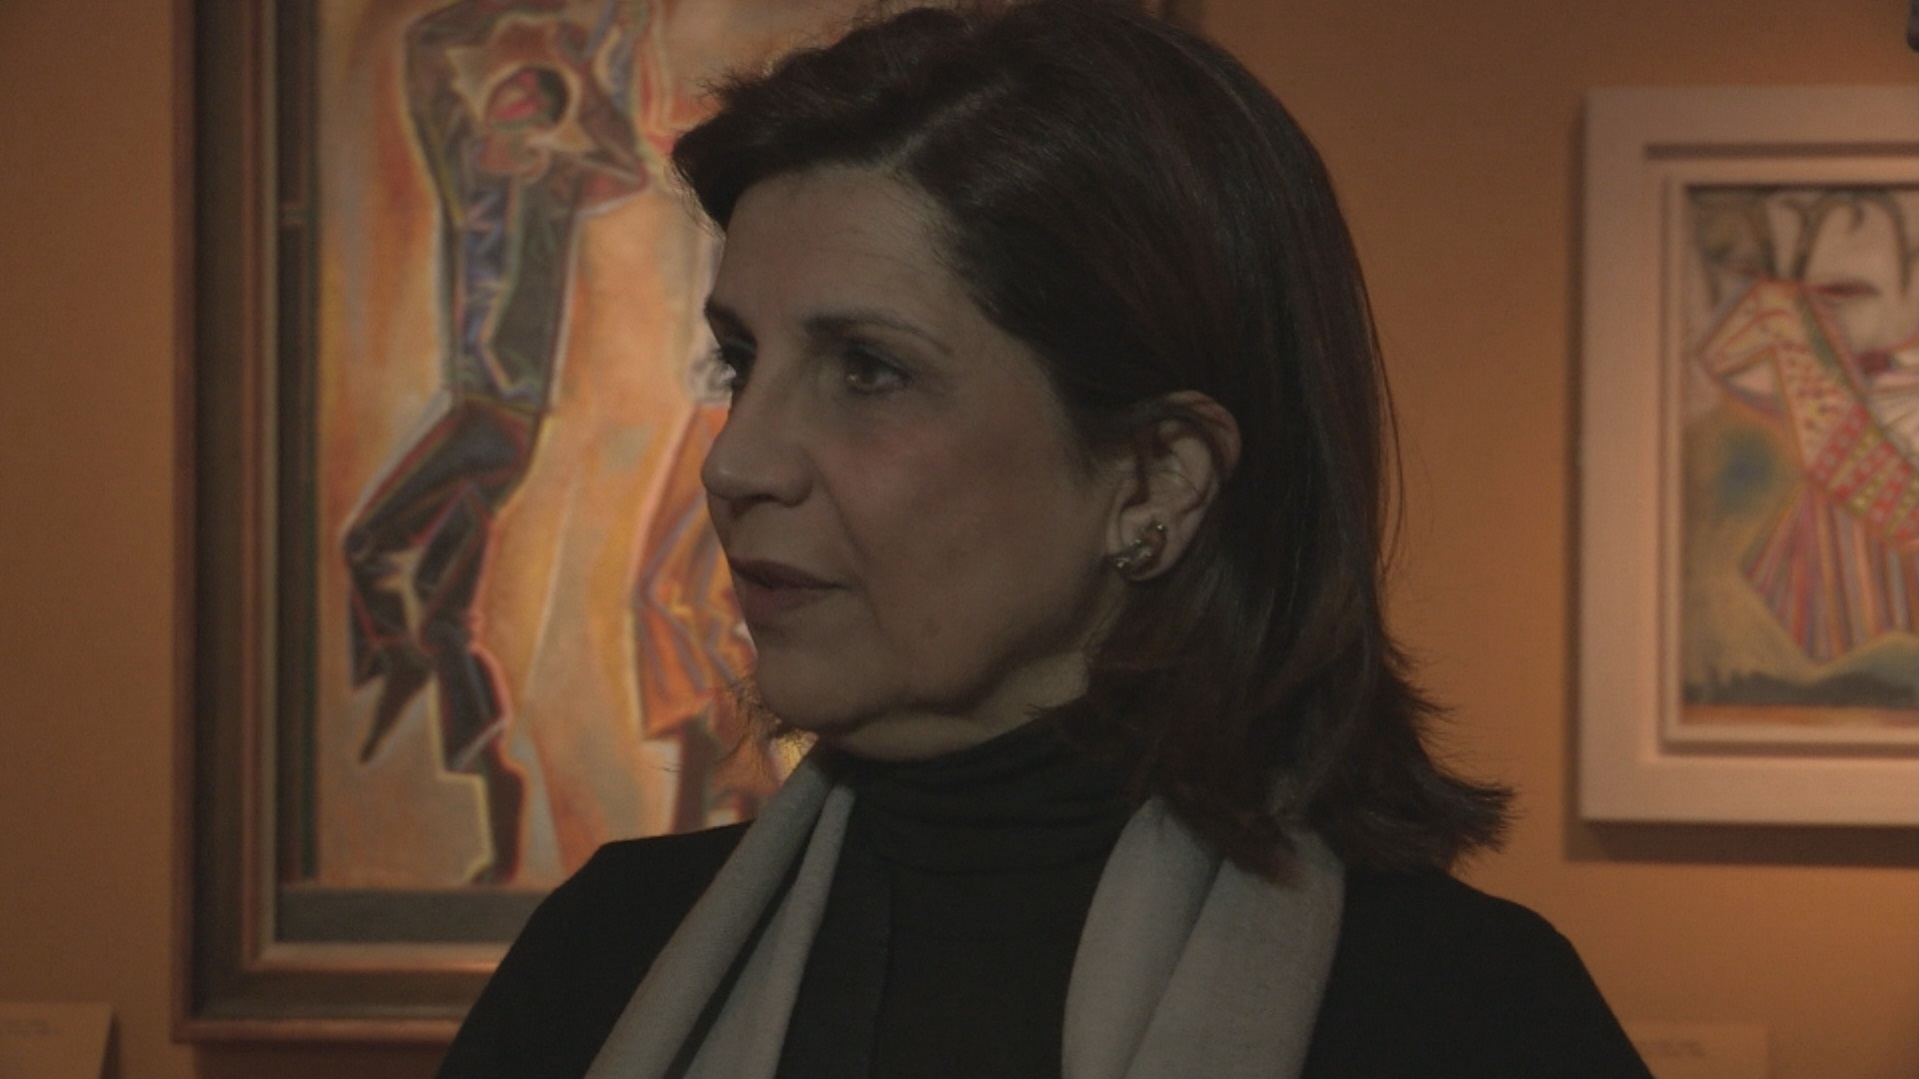 Εβίτα Αράπογλου, επιμελήτρια της έκθεσης «Γκίκας - Craxton - Leigh Fermor: Η γοητεία της ζωής στην Ελλάδα»